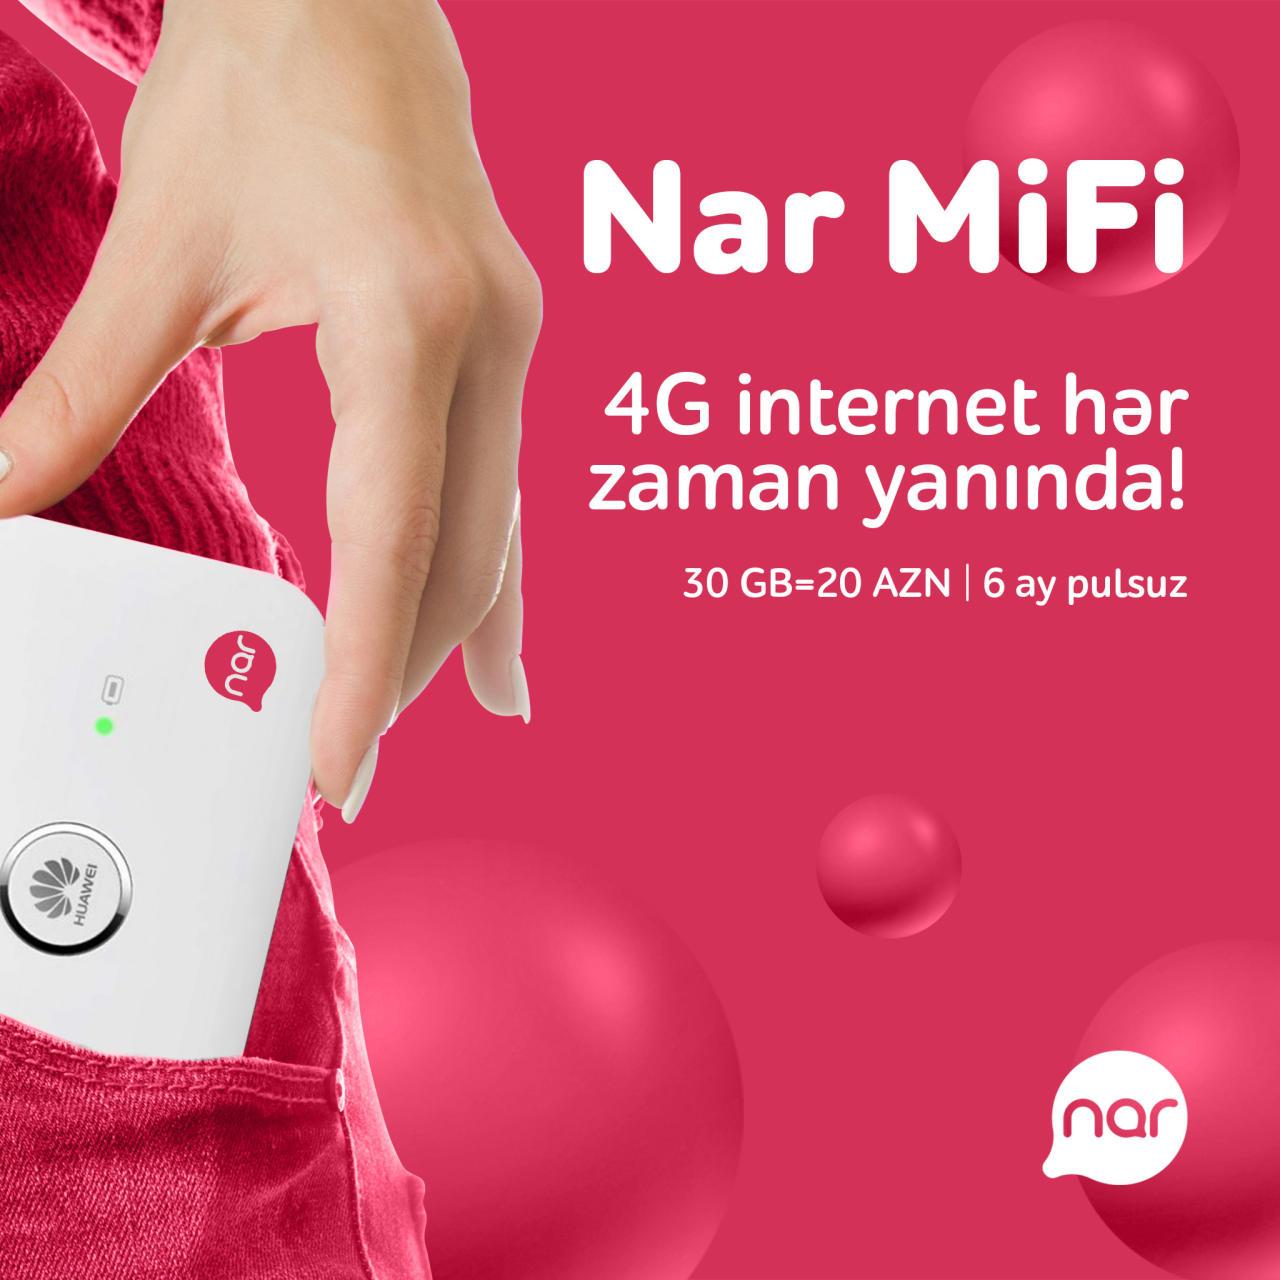 """""""Nar MiFi"""" paketini al, 6 aya qədər pulsuz internet əldə et!"""""""